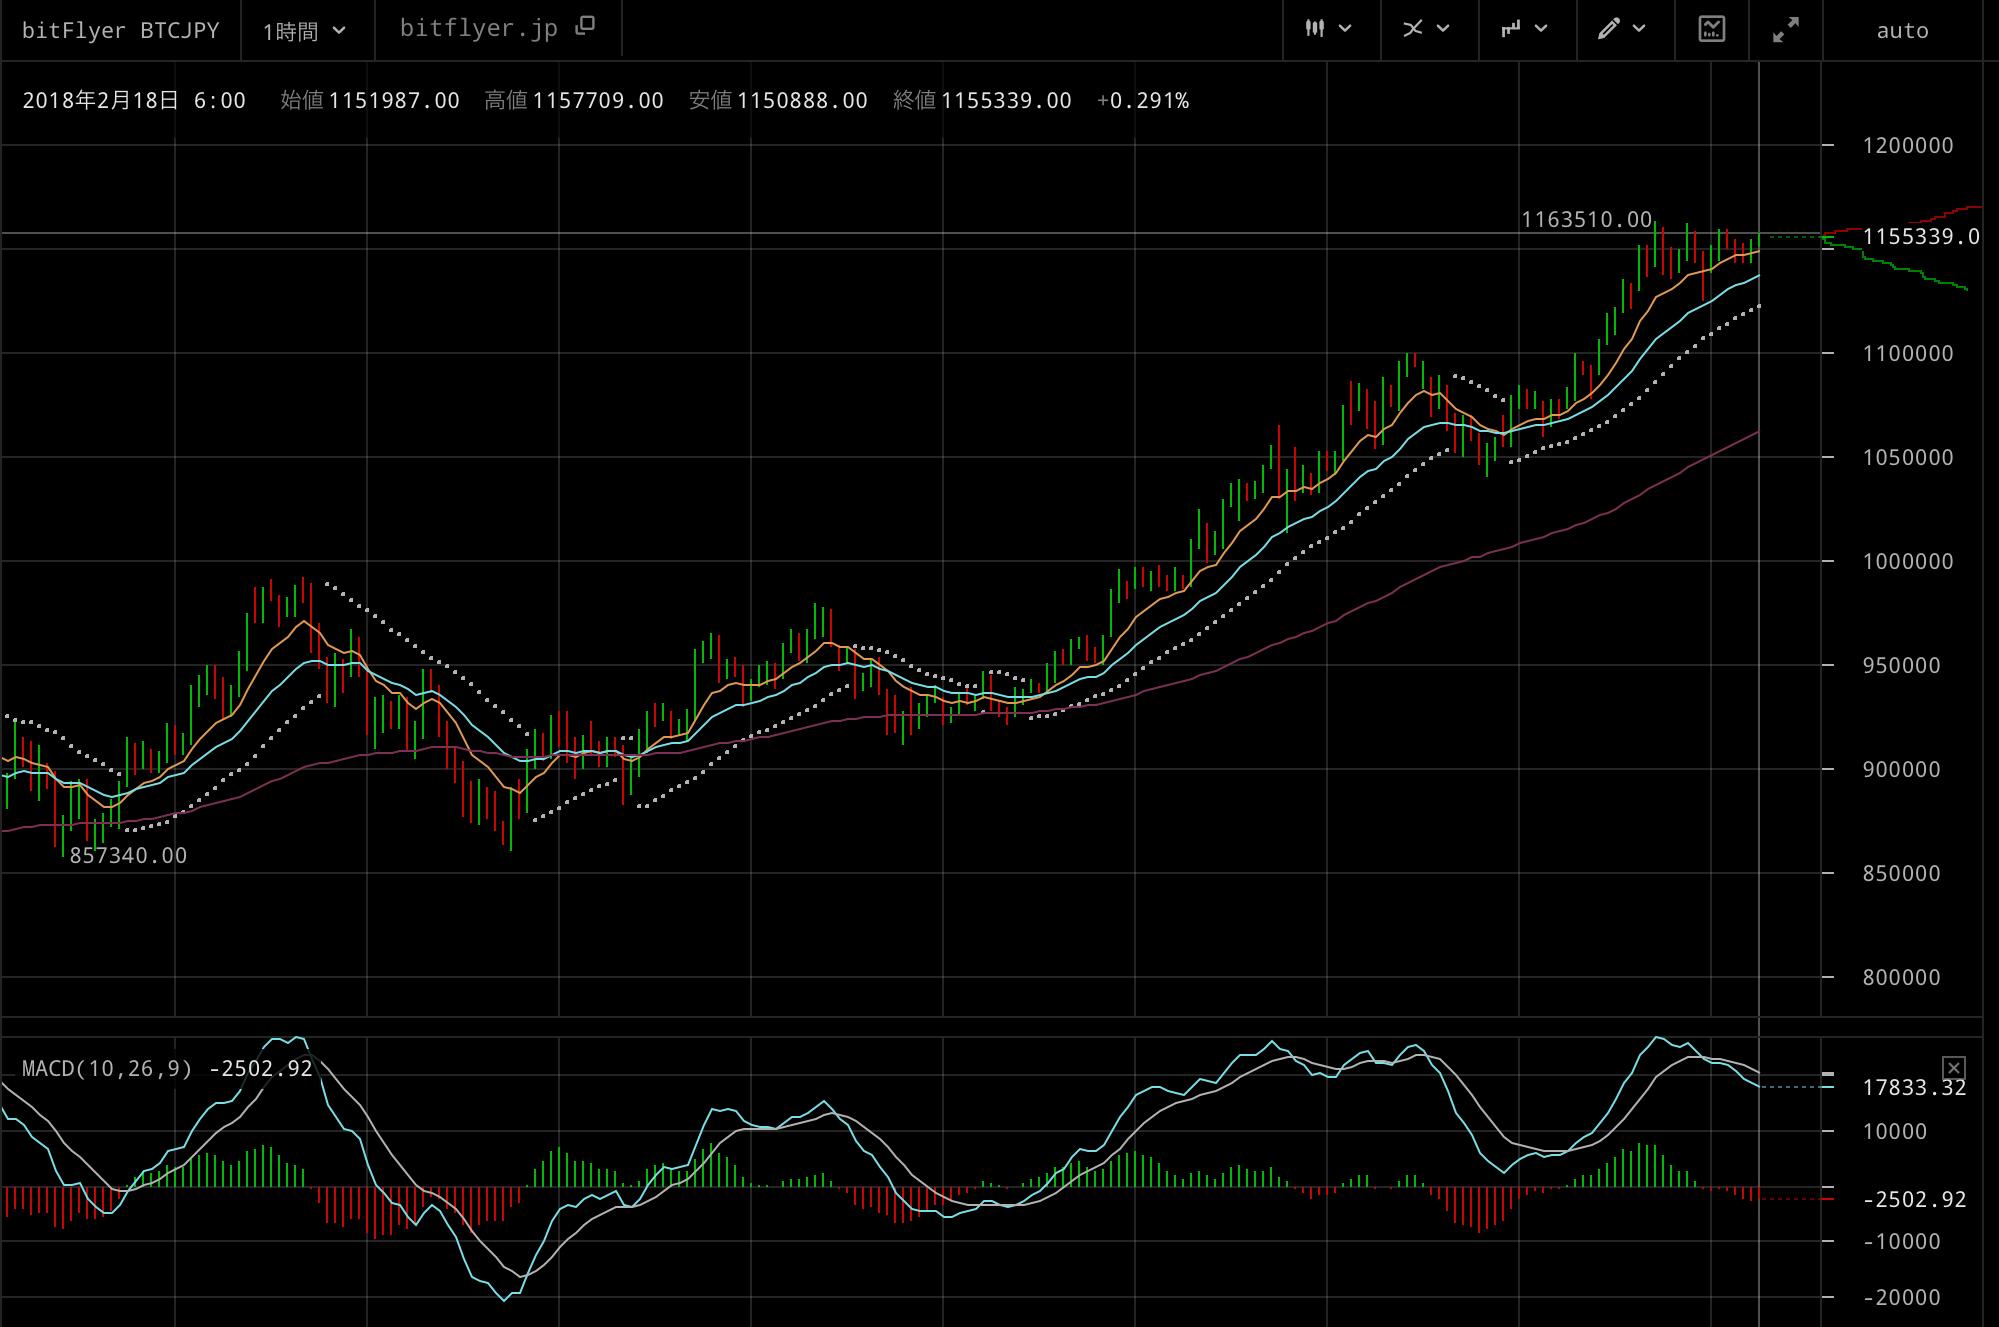 2月18日6時のビットコインの値動き